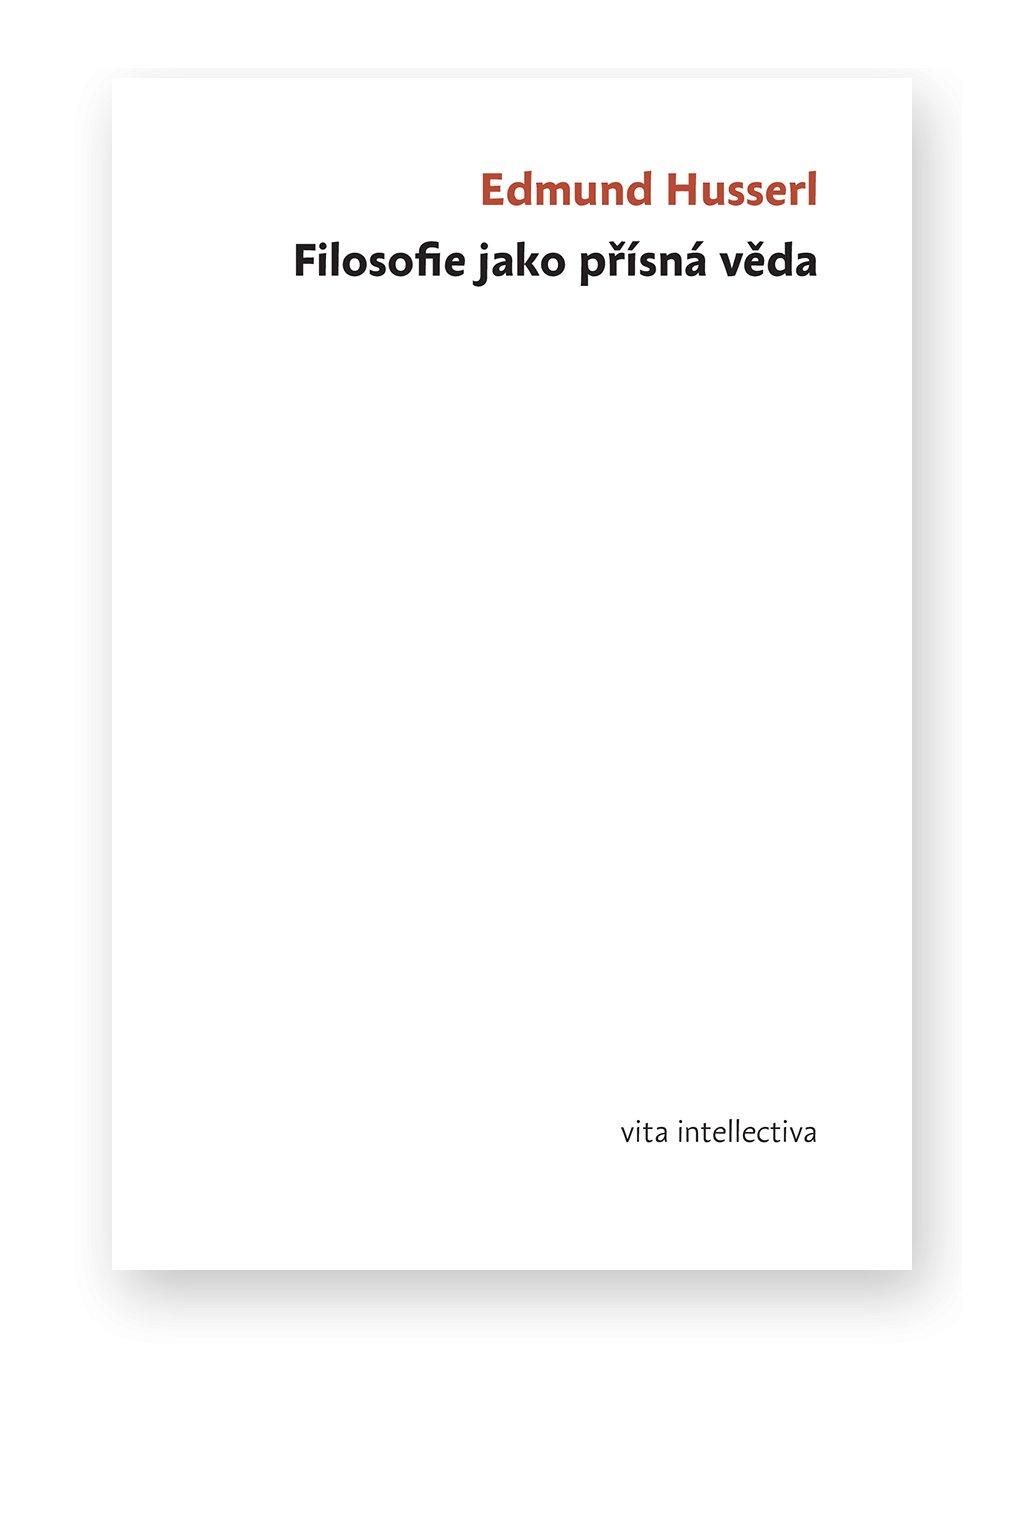 957 filosofie jako prisna veda